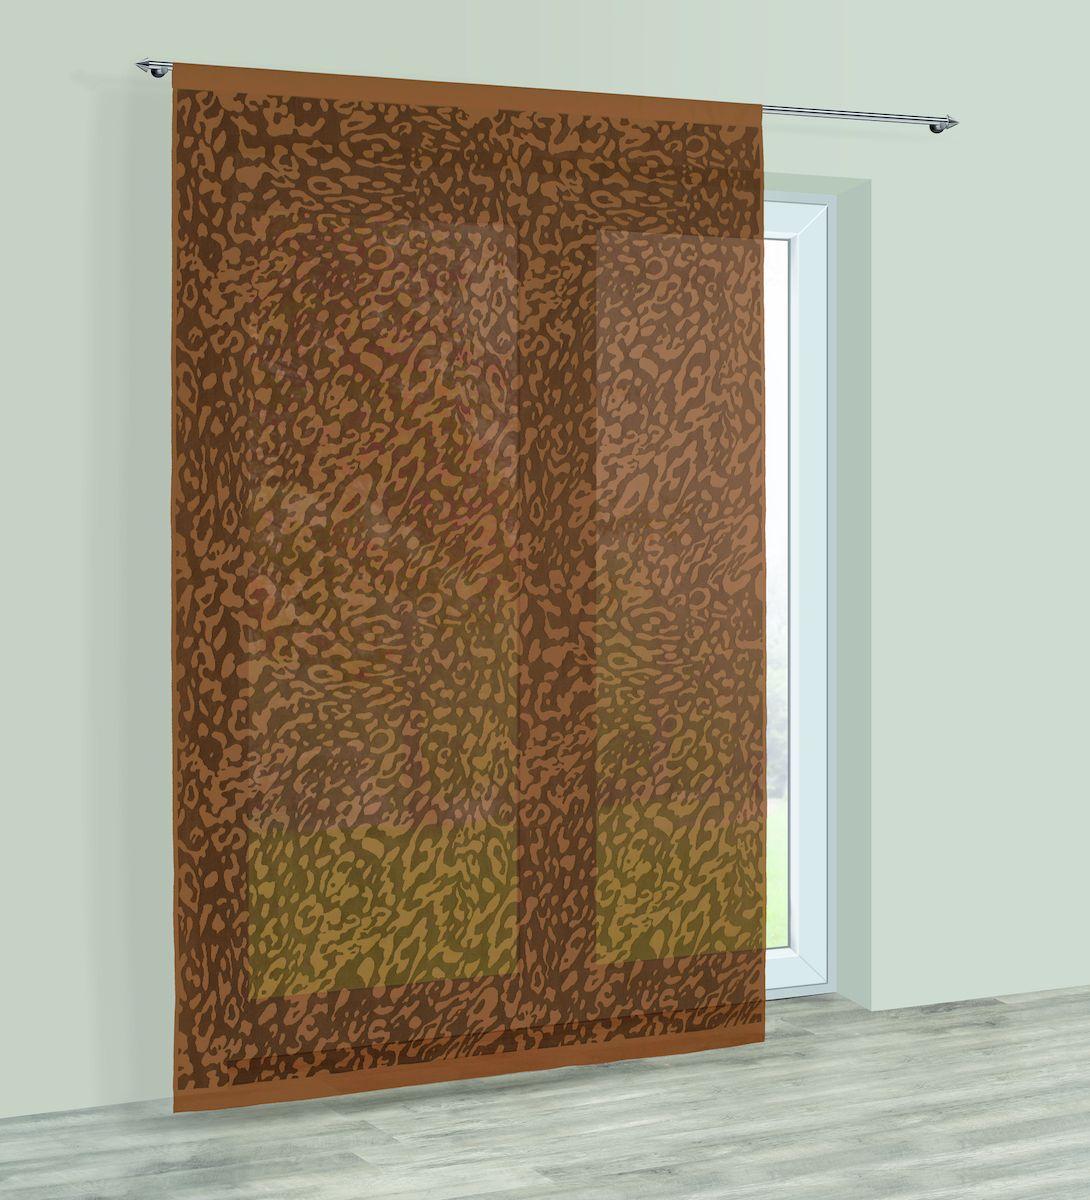 Гардина Haft, на кулиске, цвет: шоколадный, высота 250 см. 228540228540/250 шоколадГардина Haft великолепно украсит любое окно. Изделие выполнено из полиэстера и декорировано под окрас животного. Изделие имеет оригинальный дизайн и органично впишется в интерьер помещения. Гардина крепится на карниз при помощи кулиски.